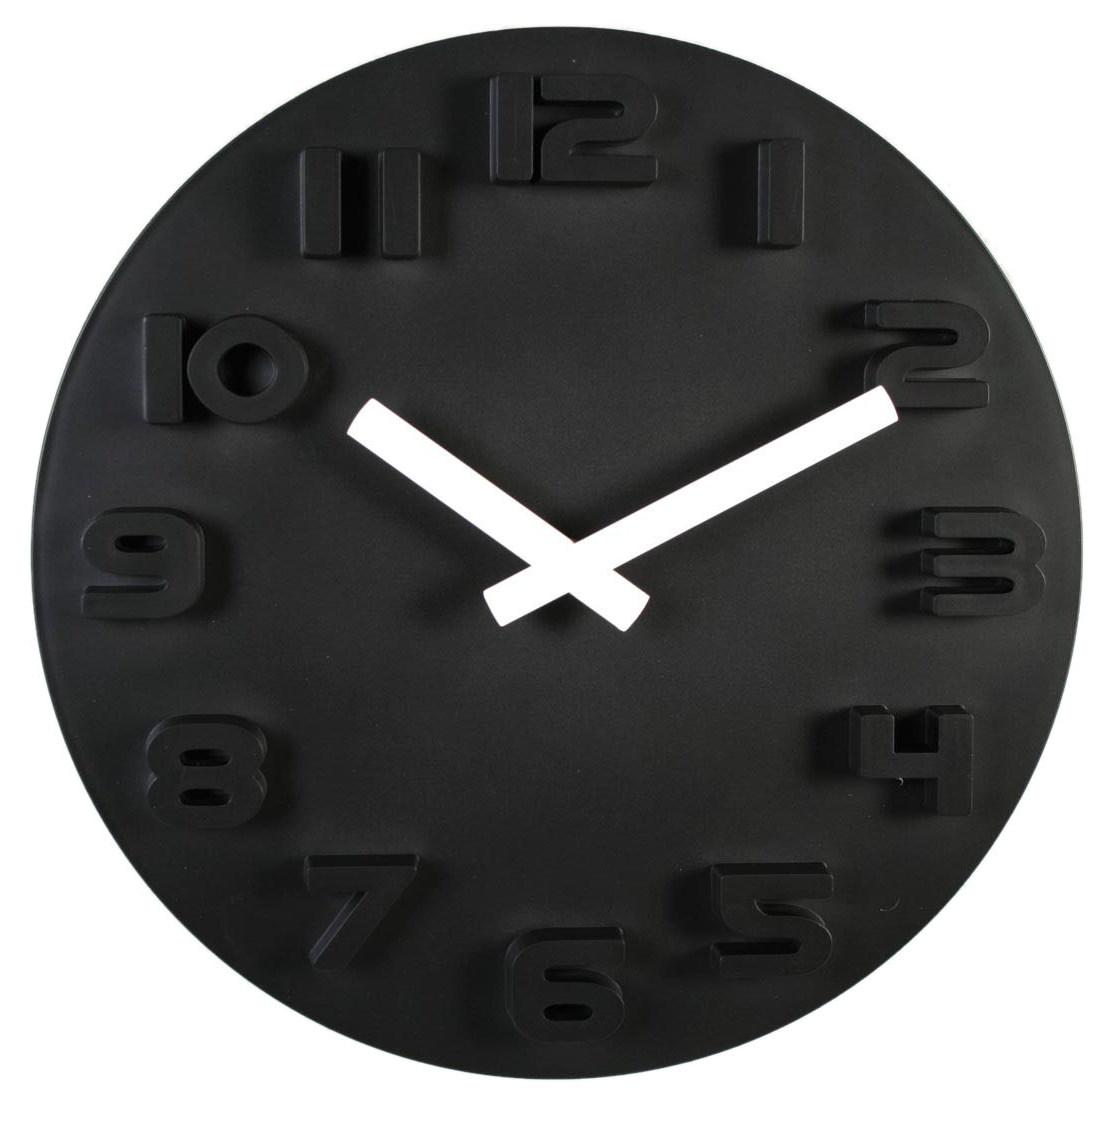 Nástenné hodiny Black & White, 30cm - Obrázok č. 1